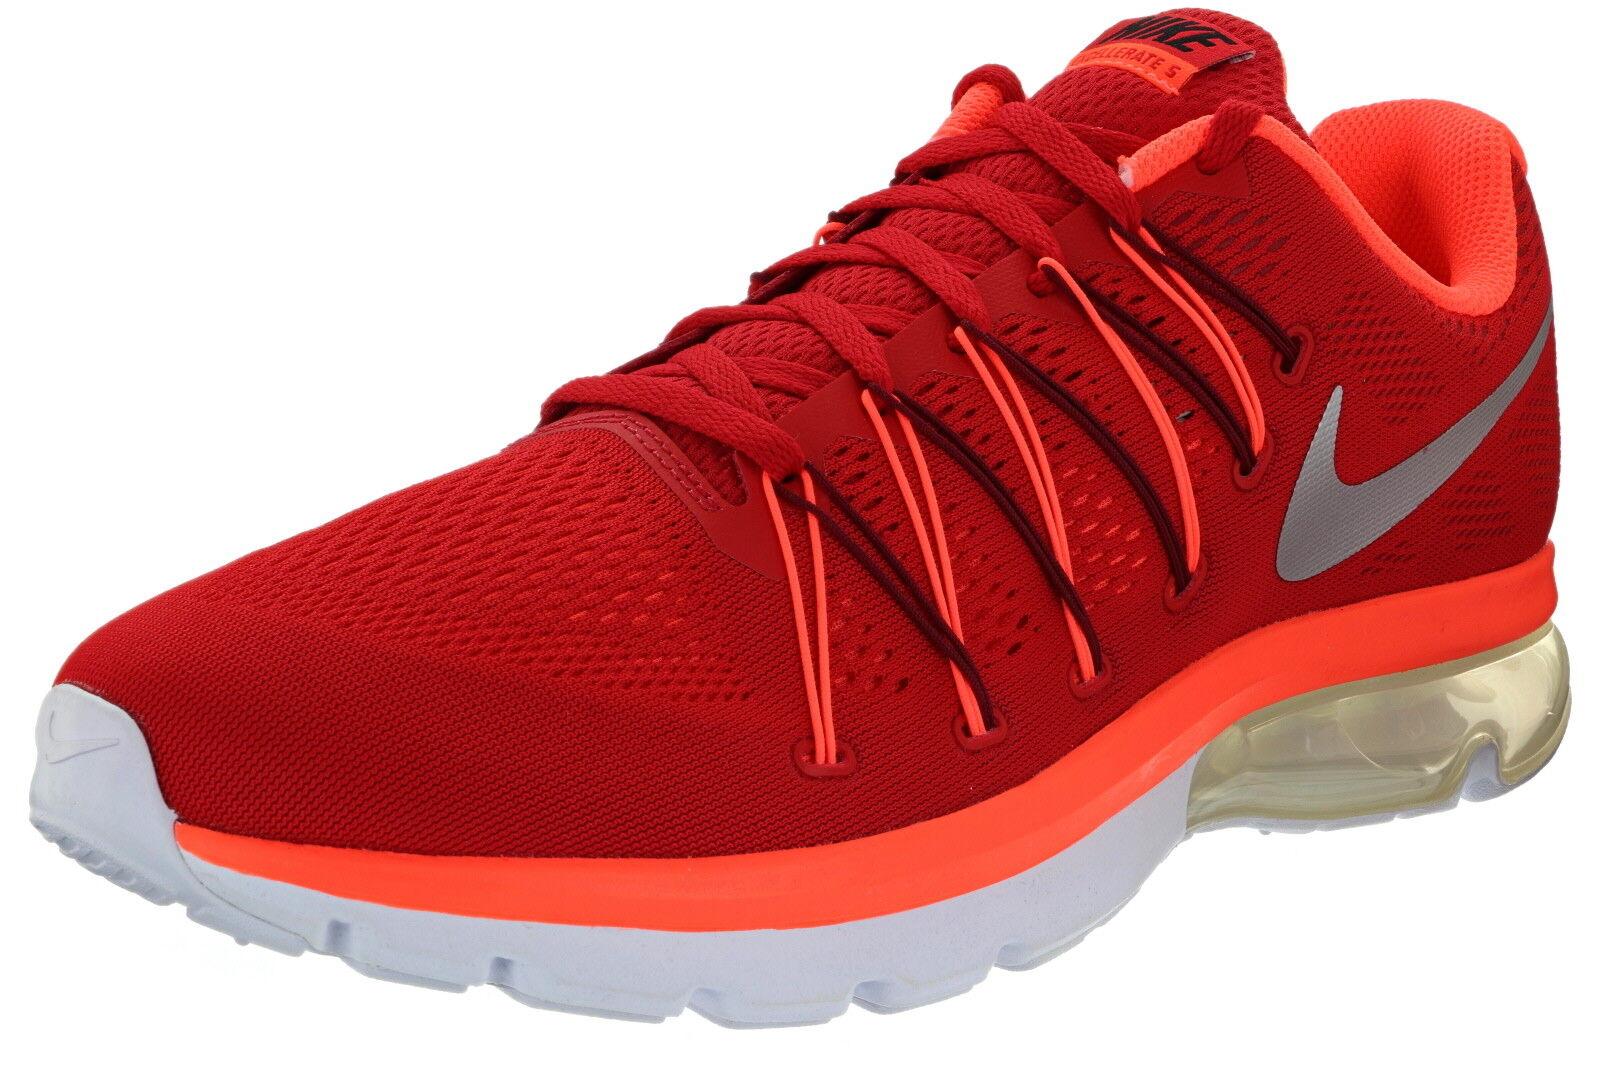 Nike air max excellerate 5 uomini di larghezza media formazione scarpe 852692-600 correre